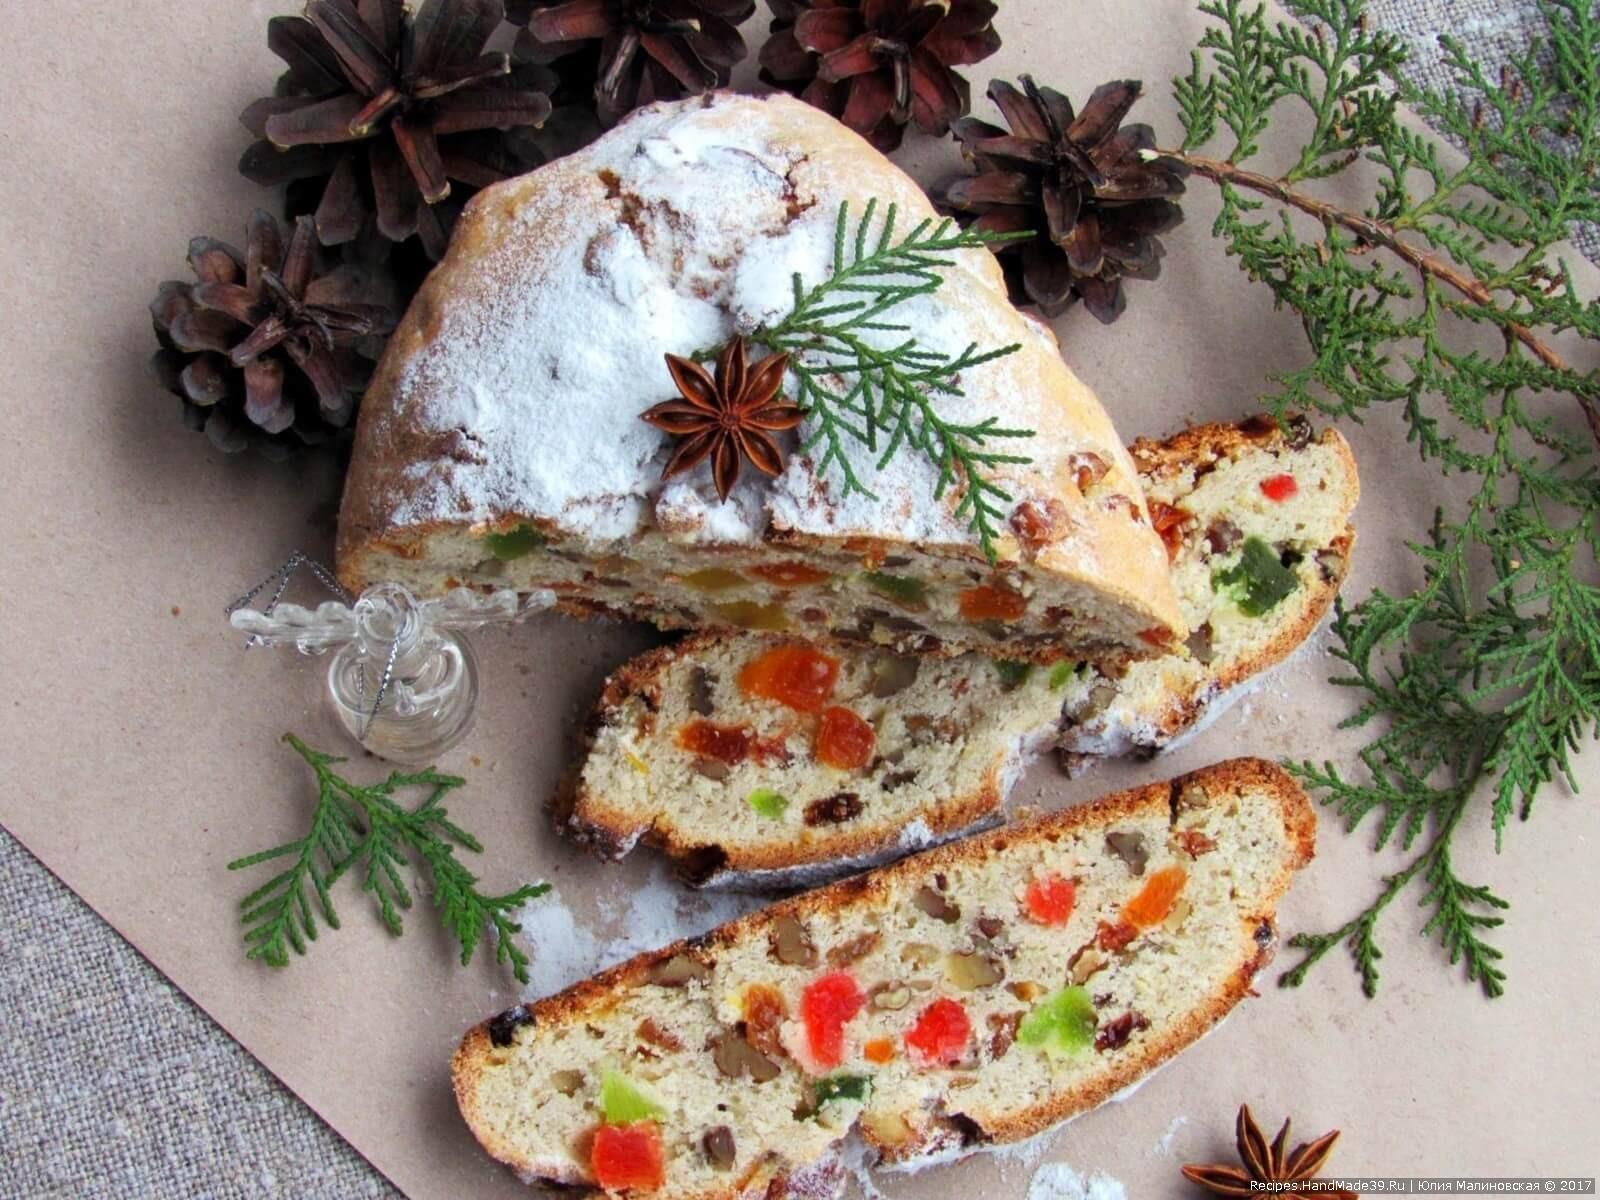 Рождественский творожный штоллен с орехами, изюмом и цукатами – пошаговый рецепт с фото. Приятного аппетита!